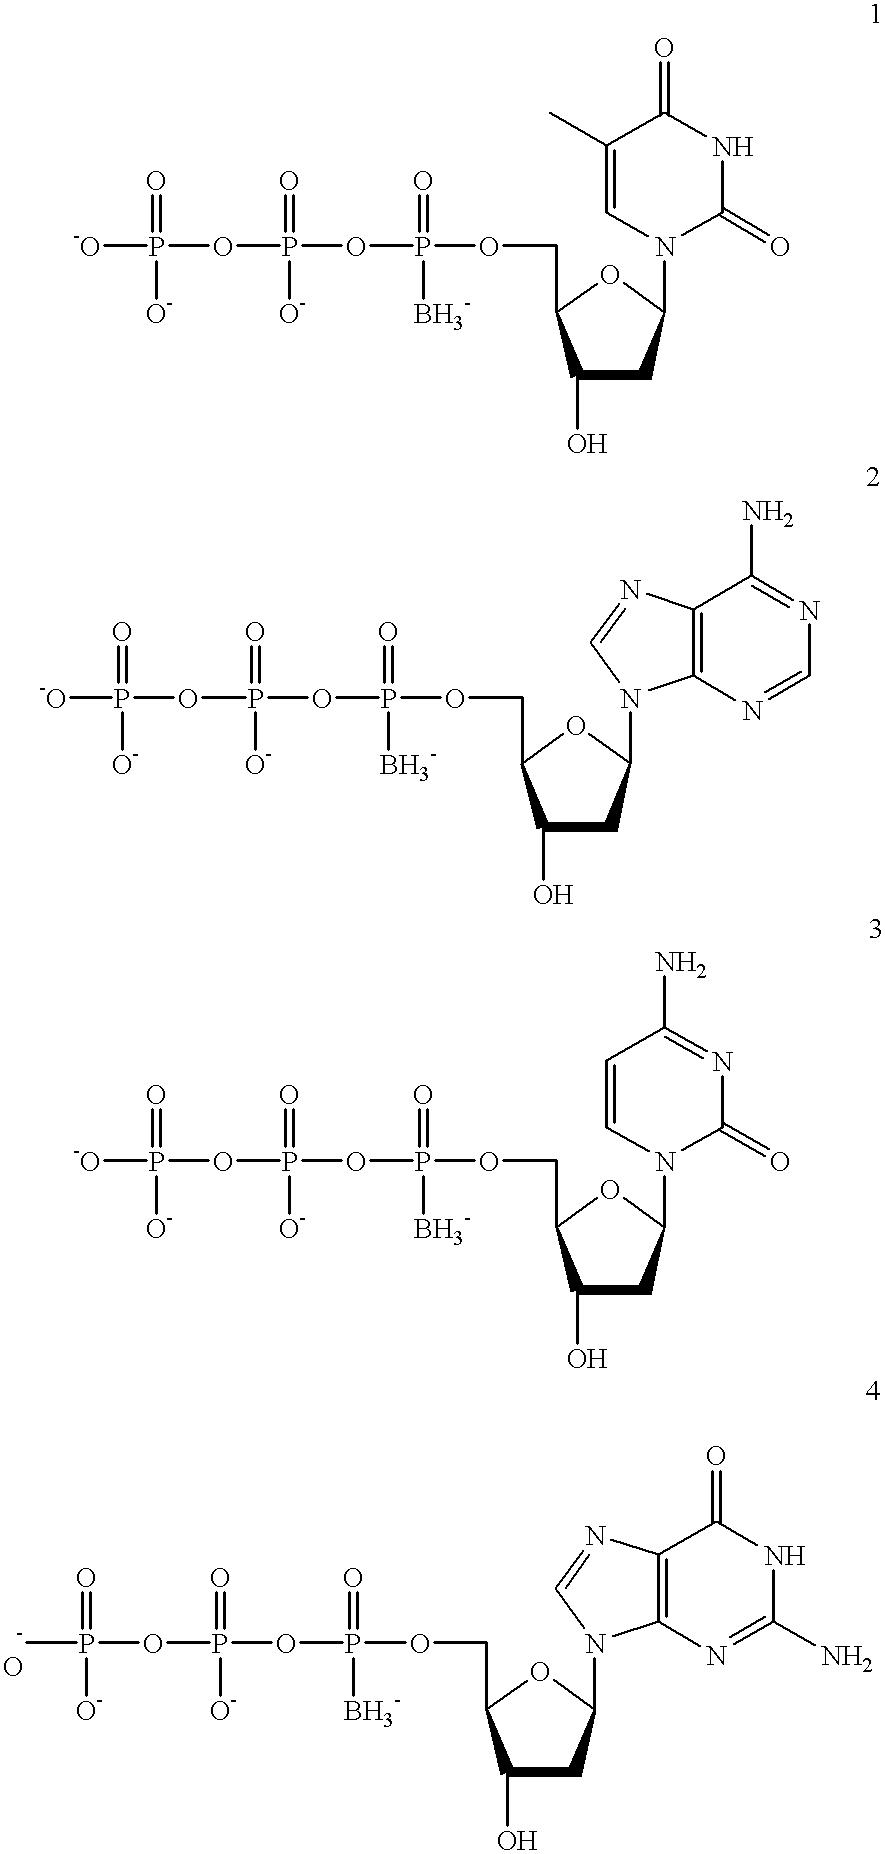 Figure US06376178-20020423-C00001